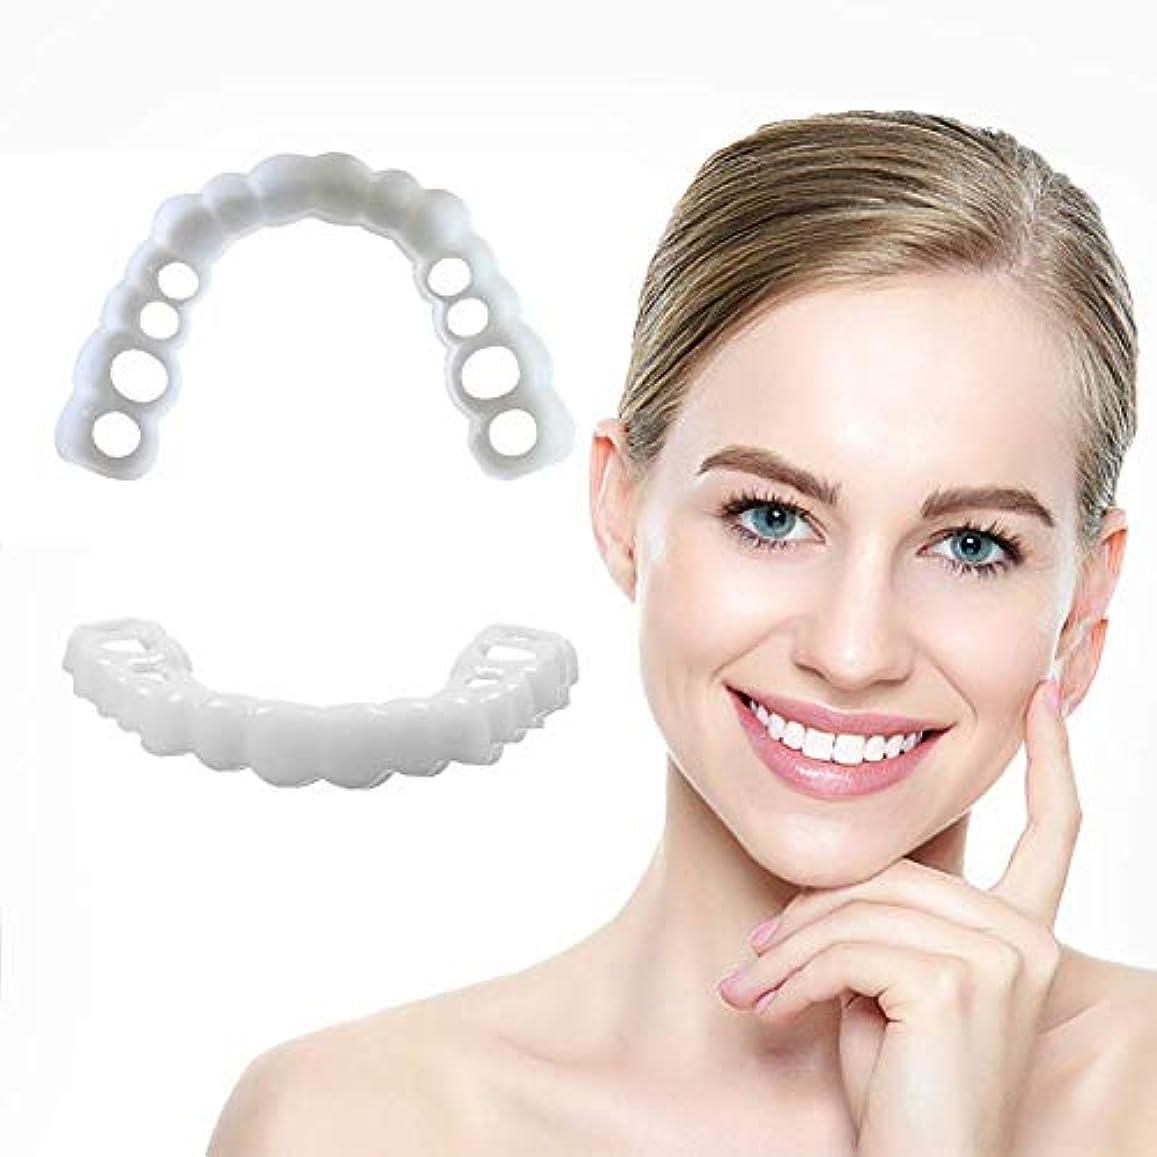 クリーム偽善者増加する義歯上下義歯インスタントスマイルコンフォートフィットフレックスコスメティックティーストップ化粧品突き合わせ箱入り(下+上),4Set